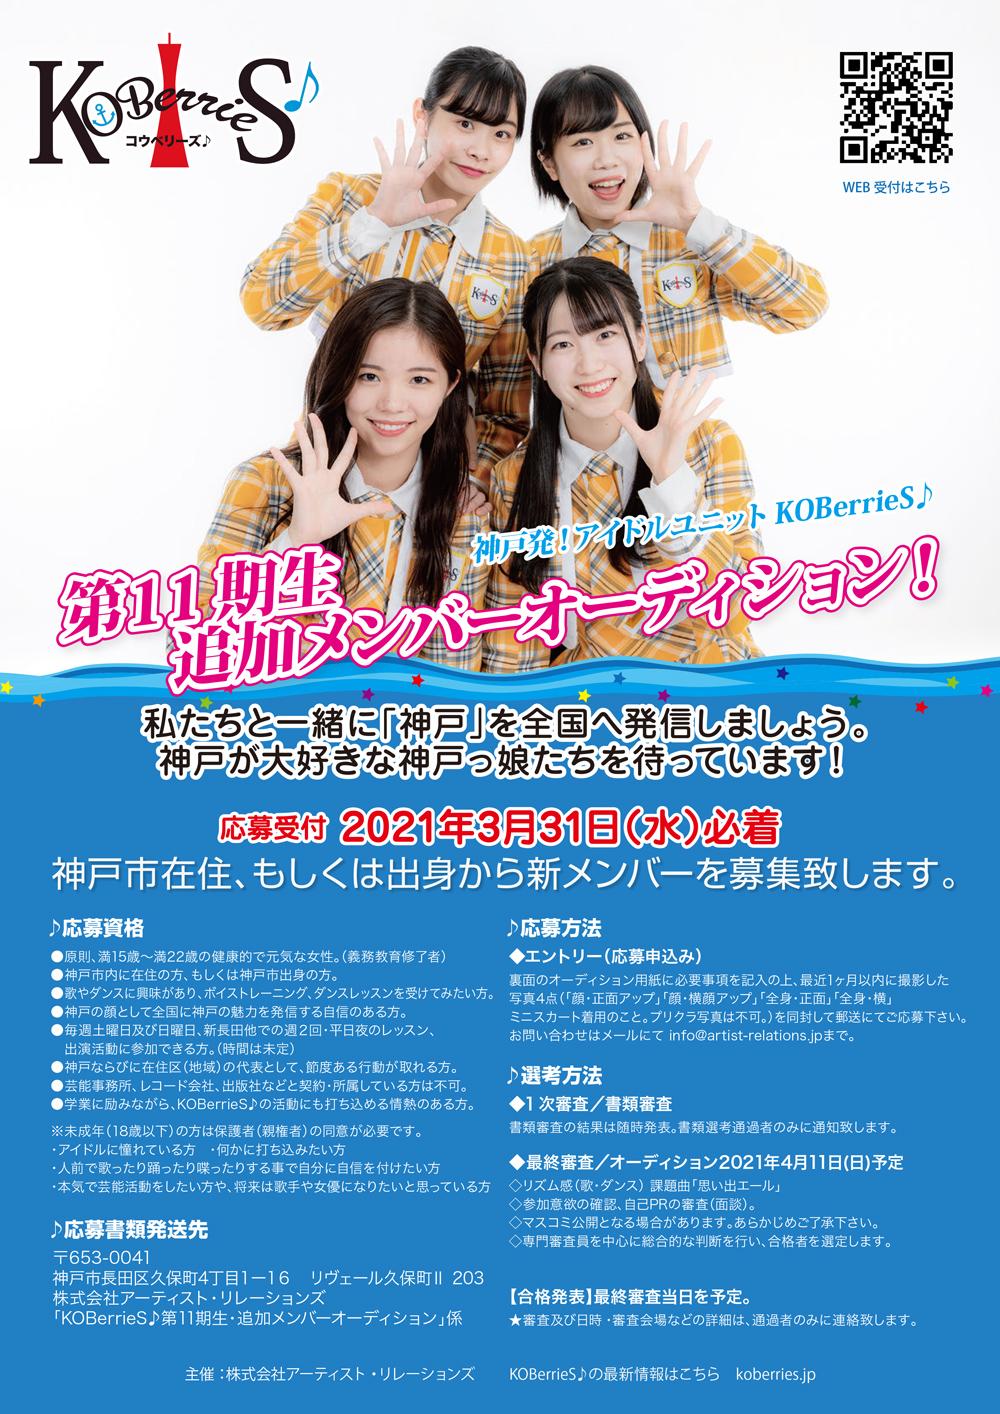 オーディション [兵庫]KOBerrieS♪ 11期生 新メンバーオーディション 神戸市を拠点に活動しているアイドルグループ 主催:株式会社アーティスト・リレーションズ、カテゴリ:アイドル(東京以外)